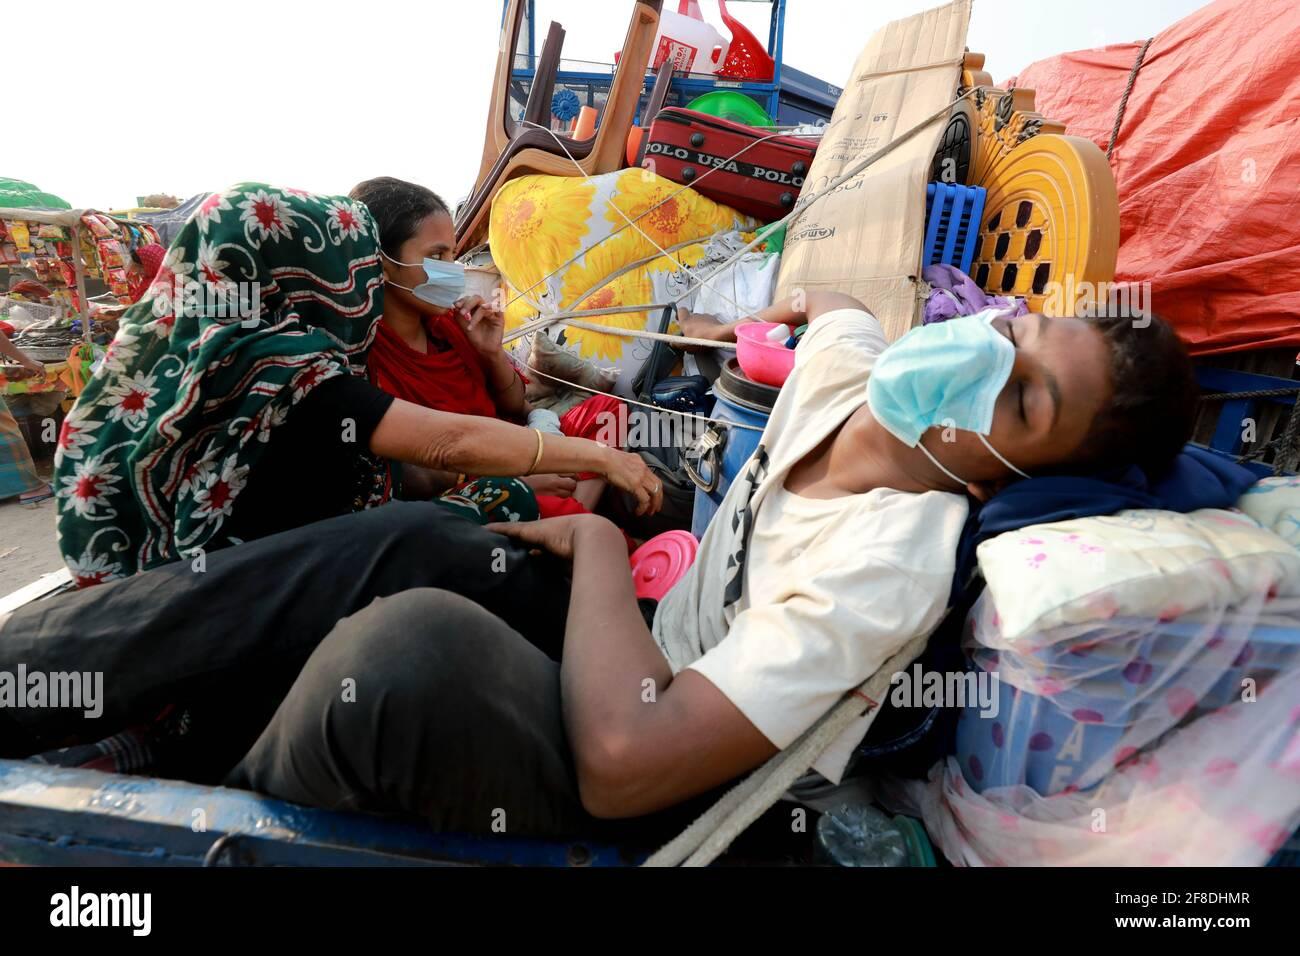 Dhaka, Dhaka, Bangladesh. 13 avril 2021. Les gens commencent à quitter Dhaka avant un nouveau verrouillage qui sera appliqué avec des règles plus strictes. Une ruée de passagers à destination de la maison est observée au terminal de ferry de Shimulia crédit: Harun-or-Rashid/ZUMA Wire/Alay Live News Banque D'Images